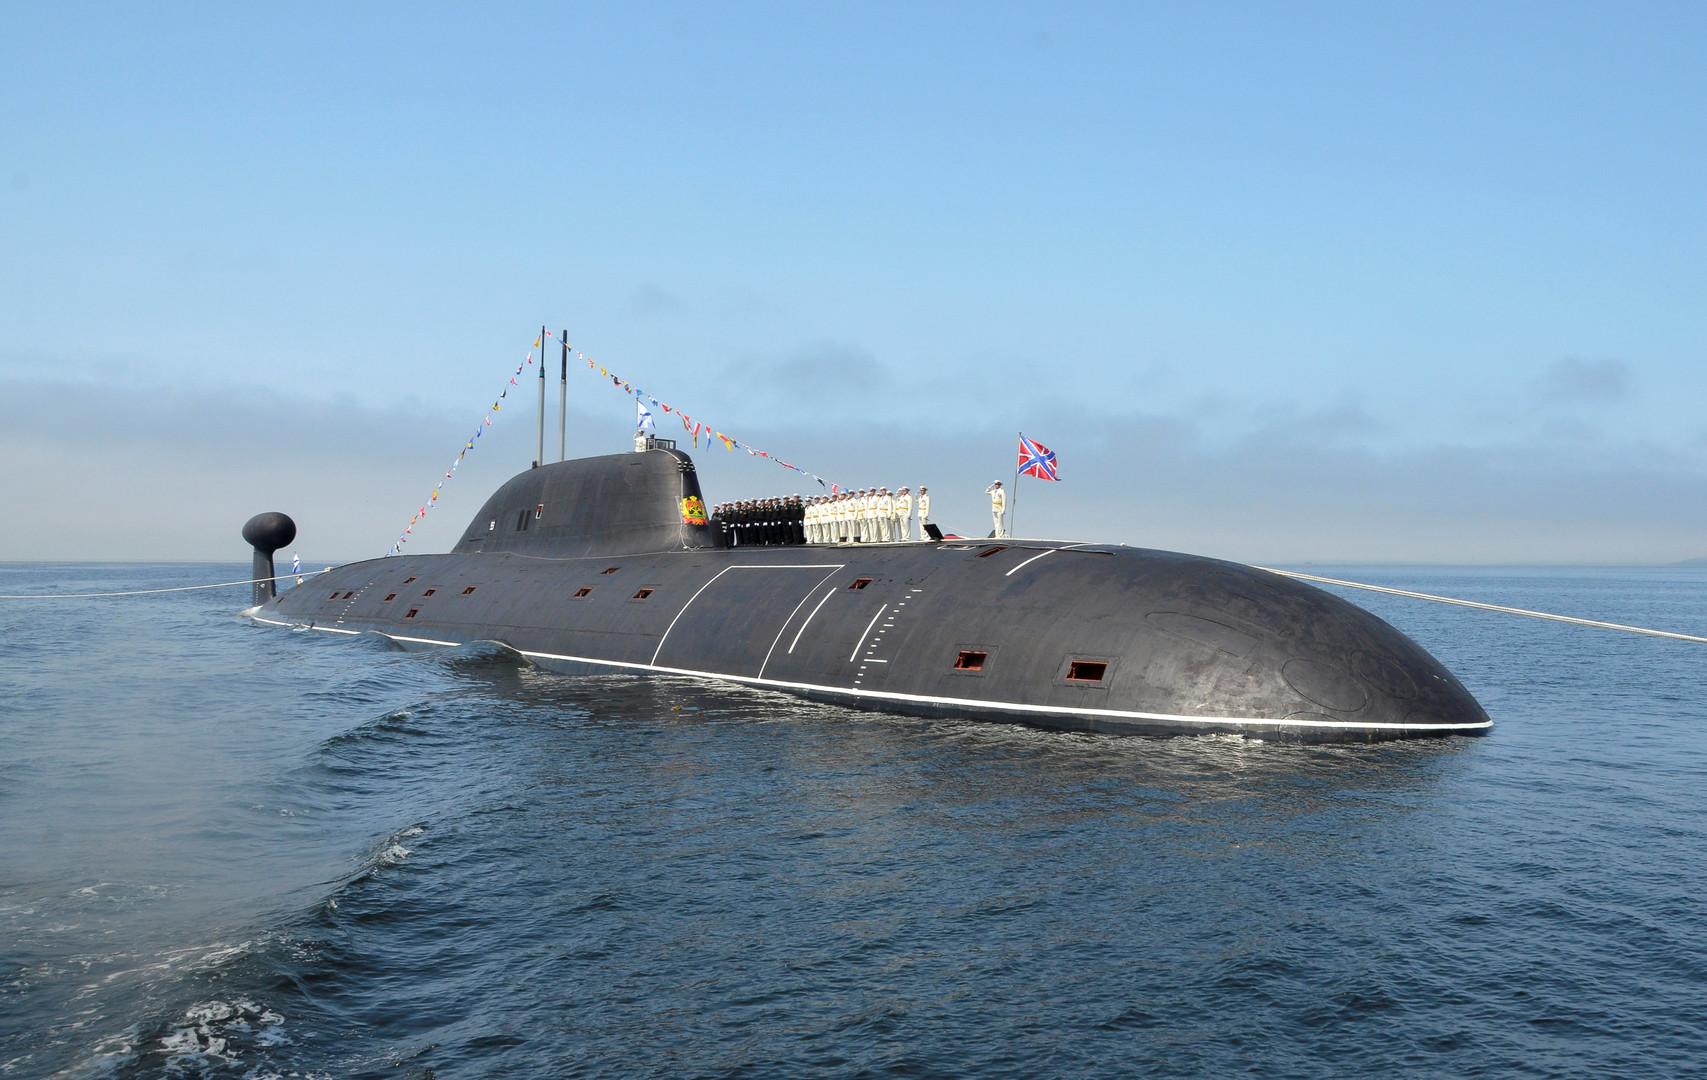 Экипаж атомной подводной лодки «Кузбасс» выстроился на фюзеляже судна в рамках репетиции парада ко Дню ВМФ во Владивостоке.